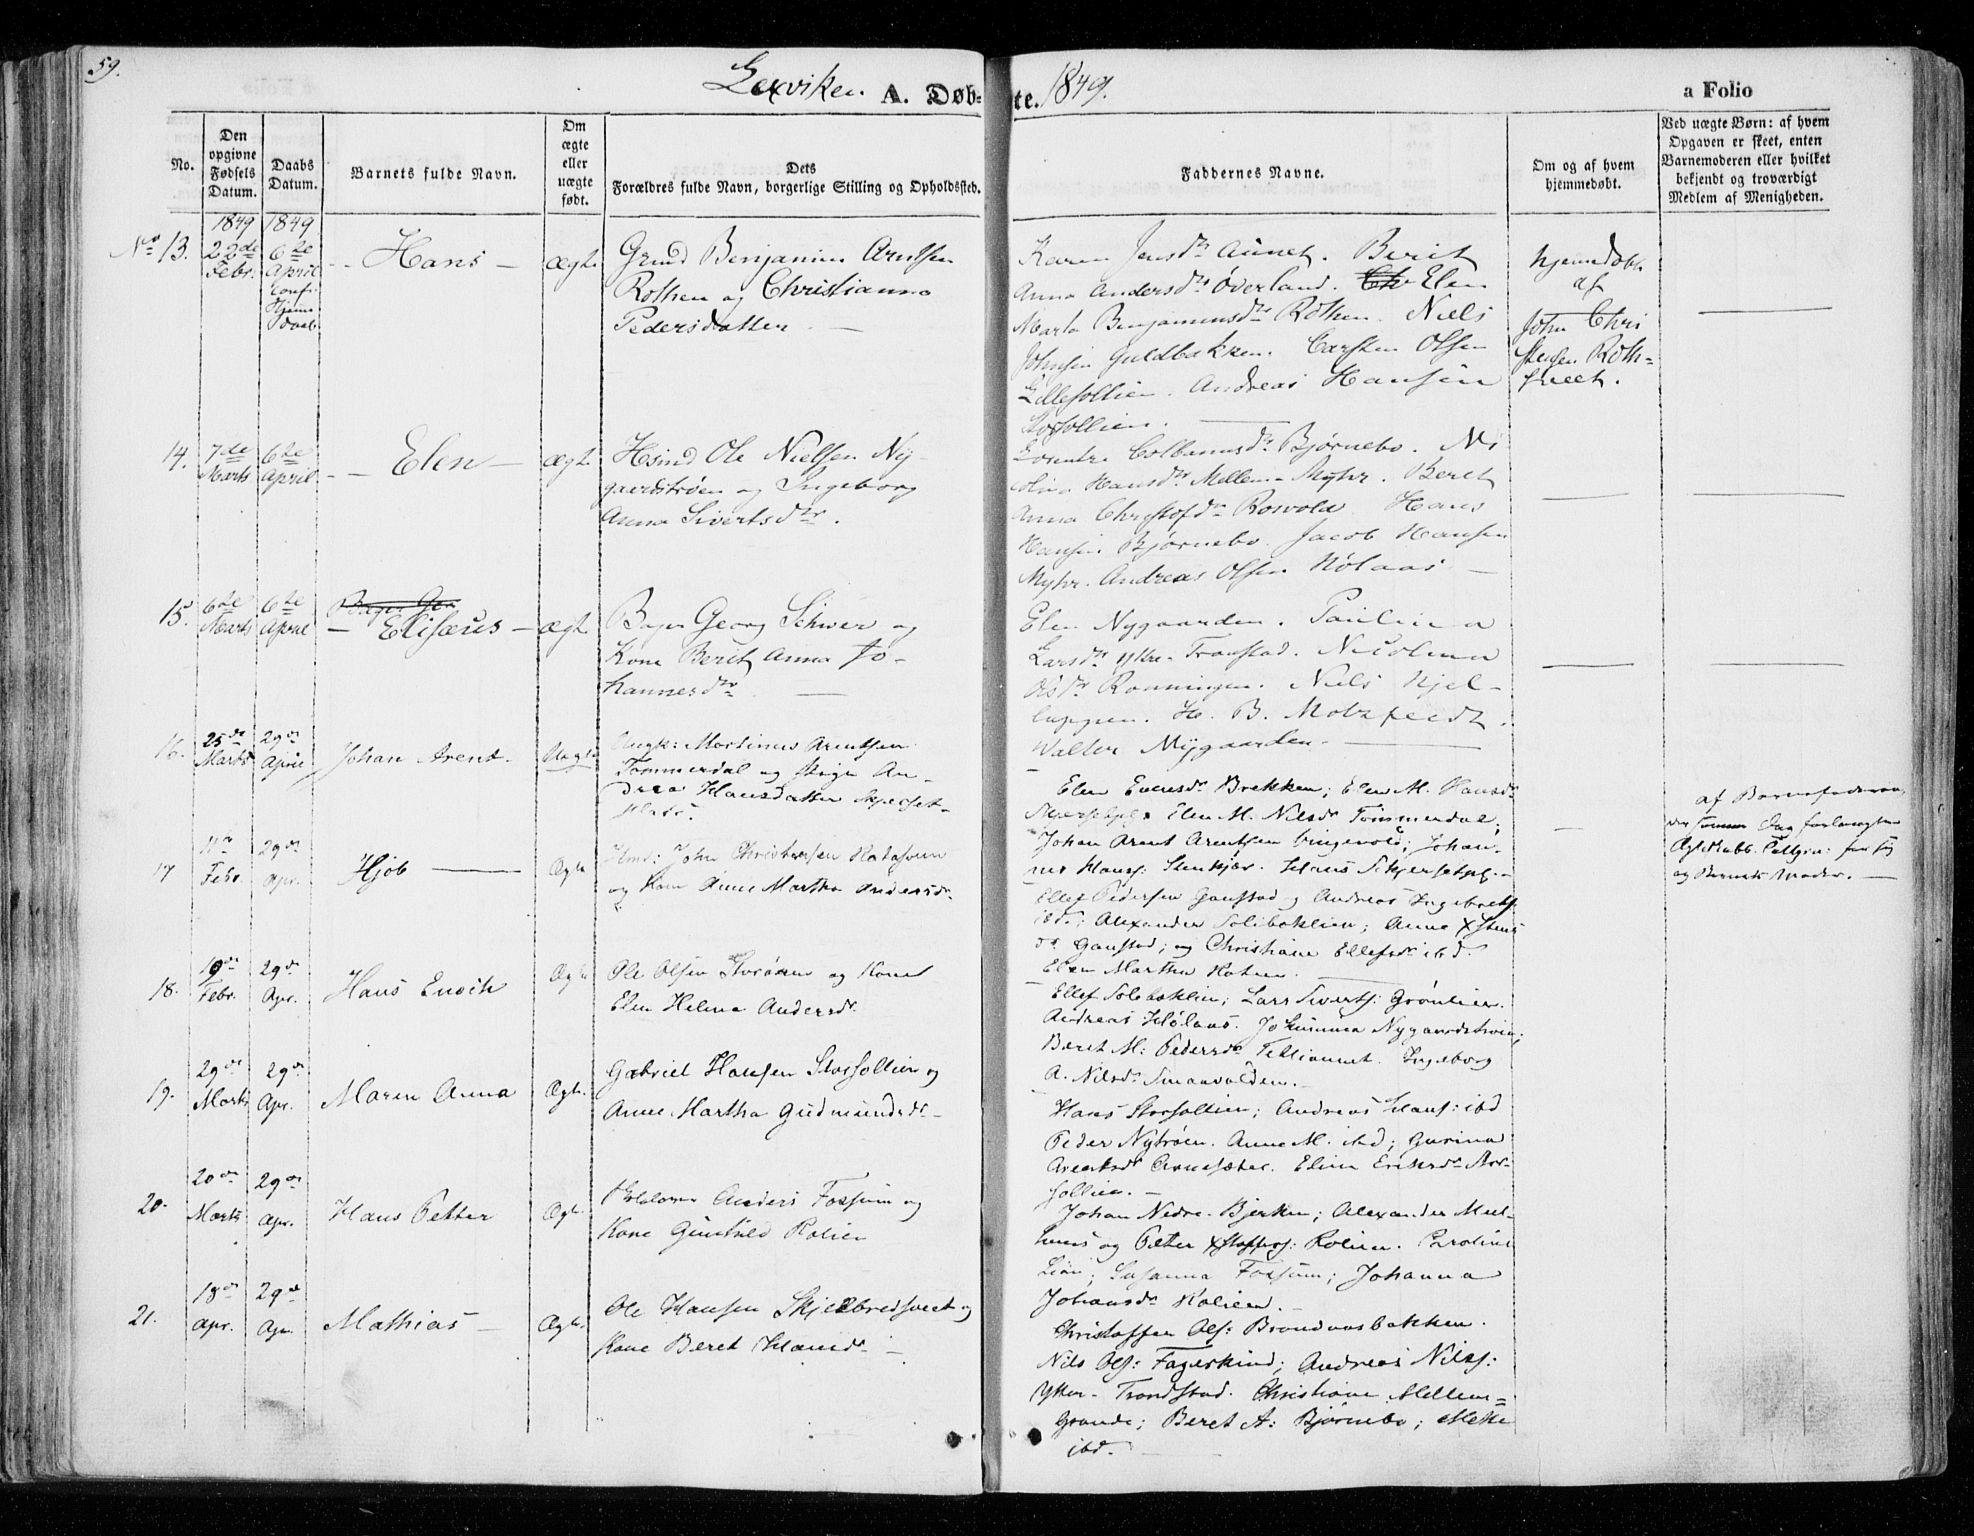 SAT, Ministerialprotokoller, klokkerbøker og fødselsregistre - Nord-Trøndelag, 701/L0007: Ministerialbok nr. 701A07 /1, 1842-1854, s. 59